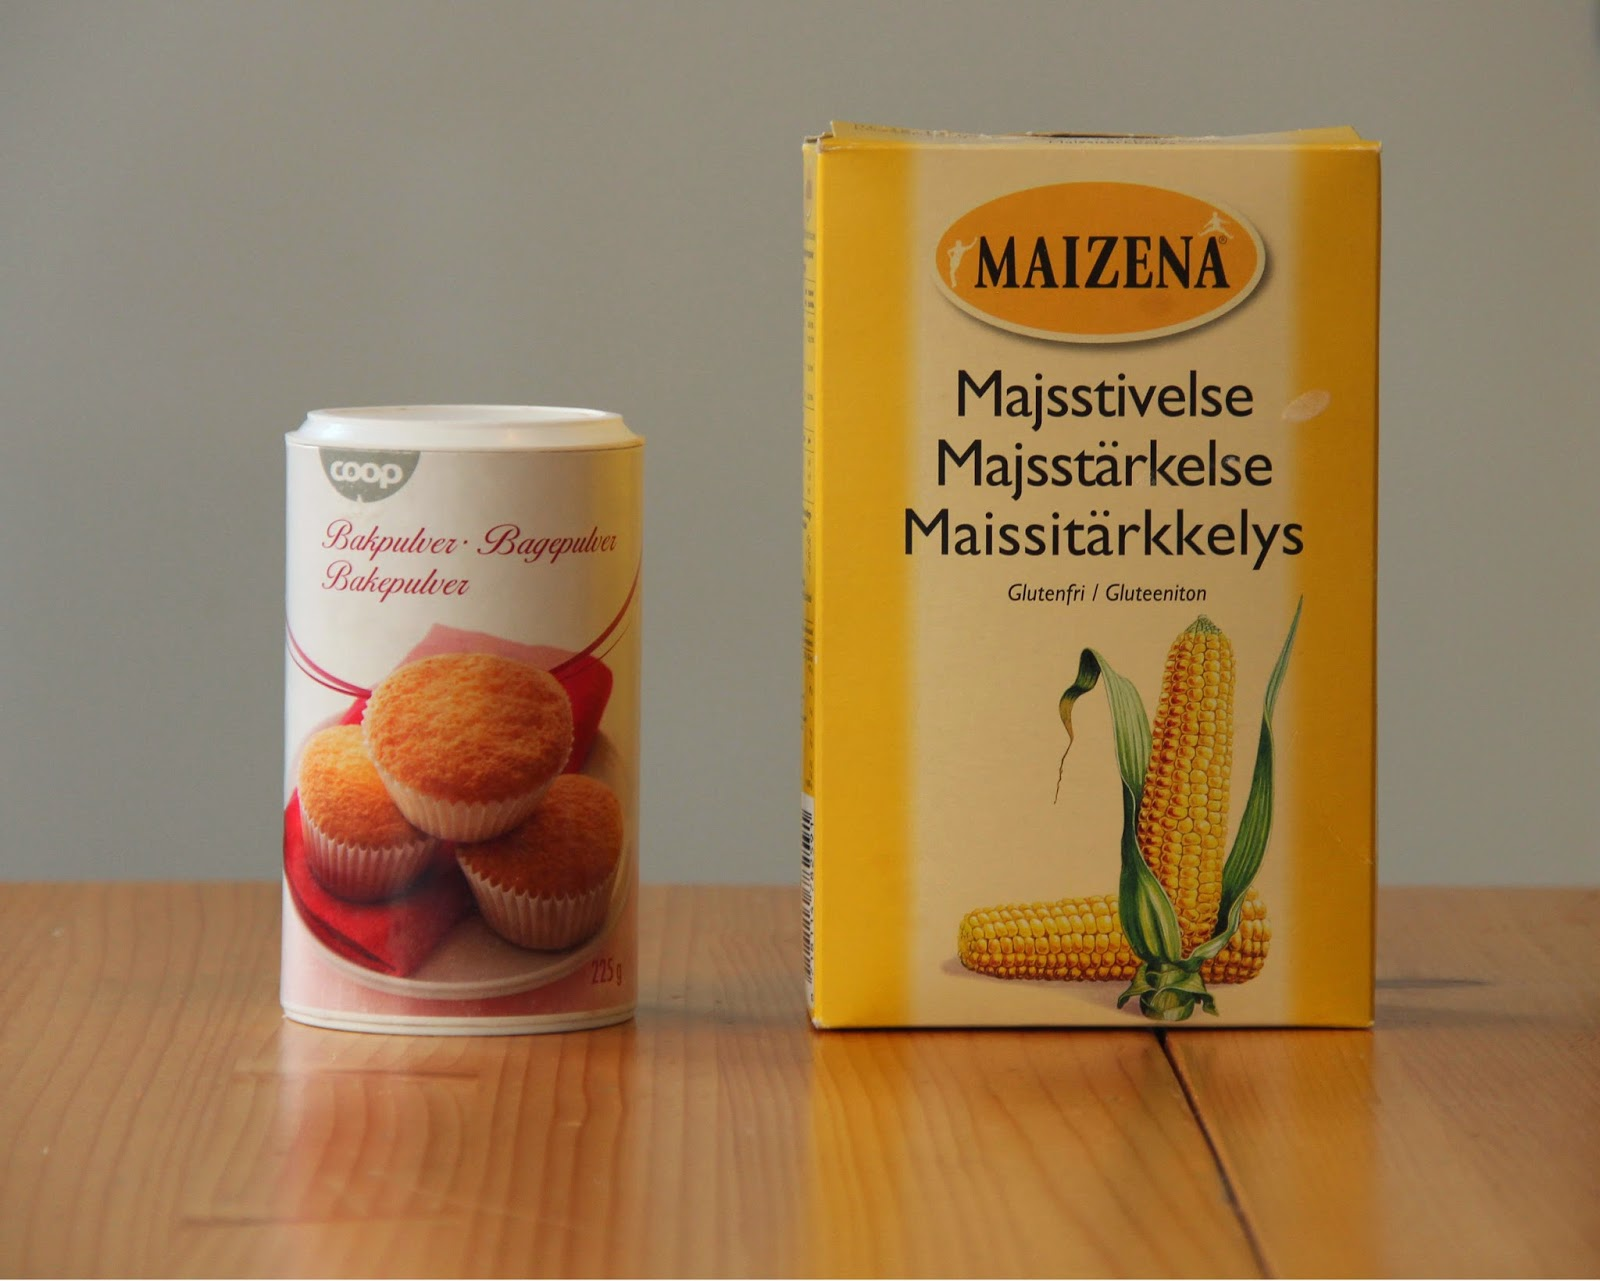 majsstärkelse istället för potatismjöl